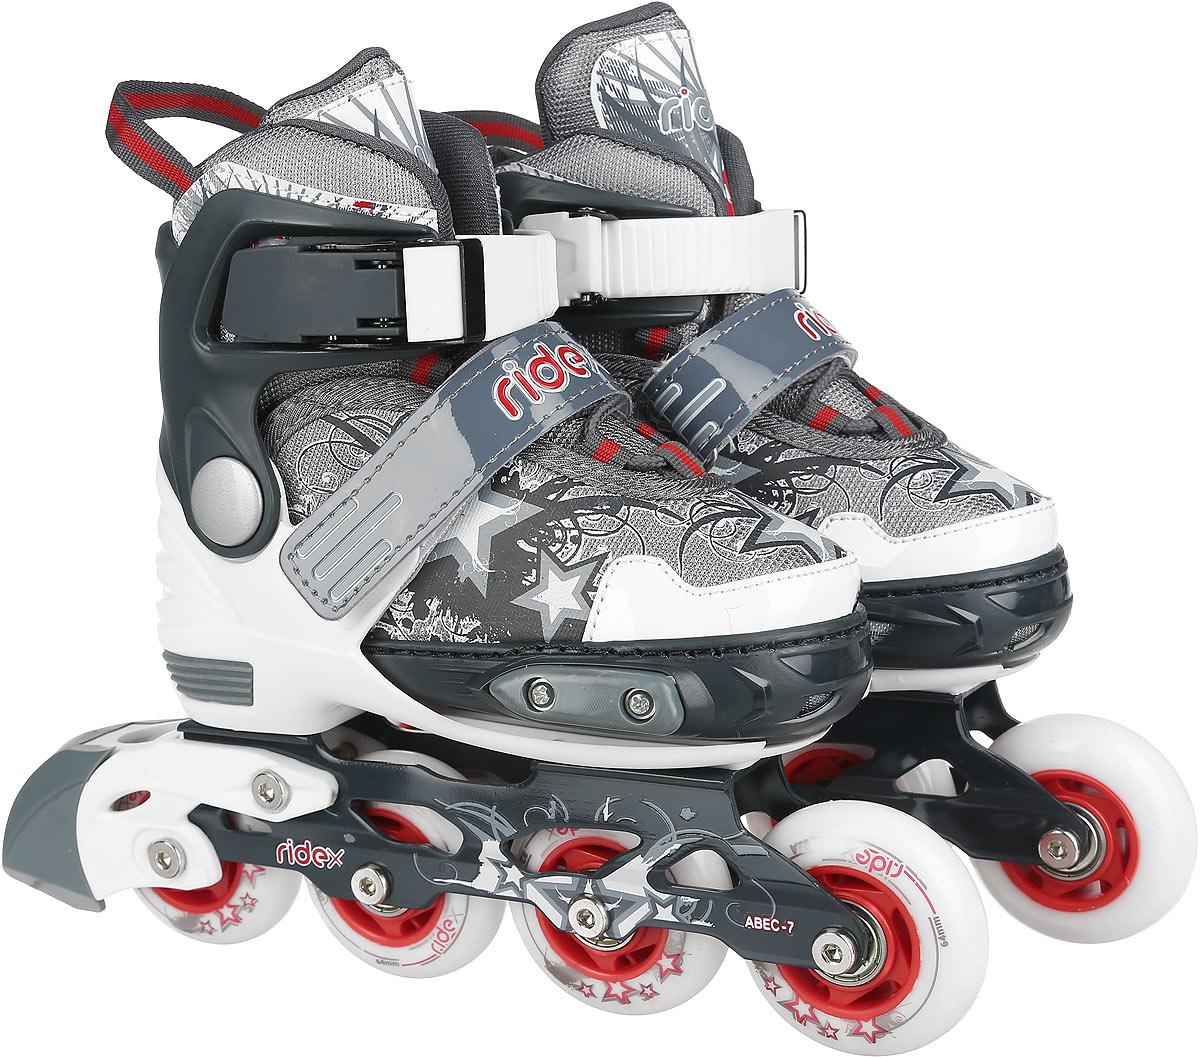 Коньки роликовые Ridex Phantom, раздвижные, цвет: белый, серый, красный. УТ-00008111. Размер 30/33